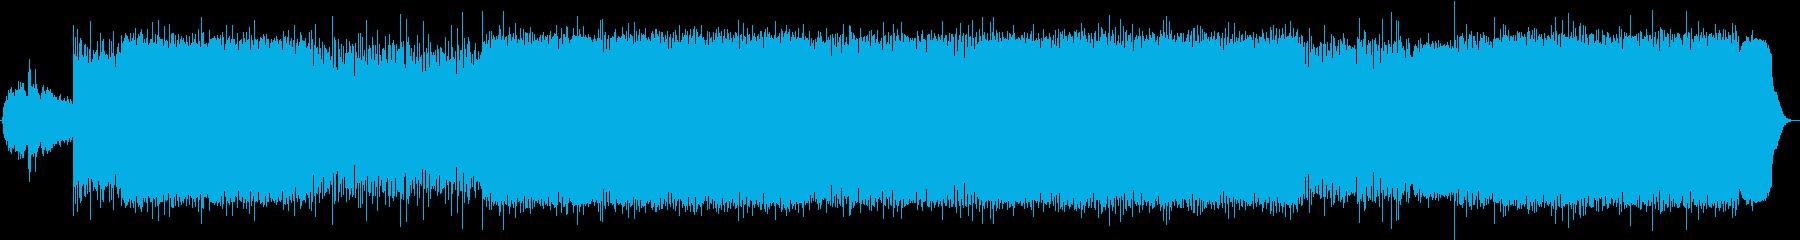 軽快なリズムの綺麗な曲の再生済みの波形